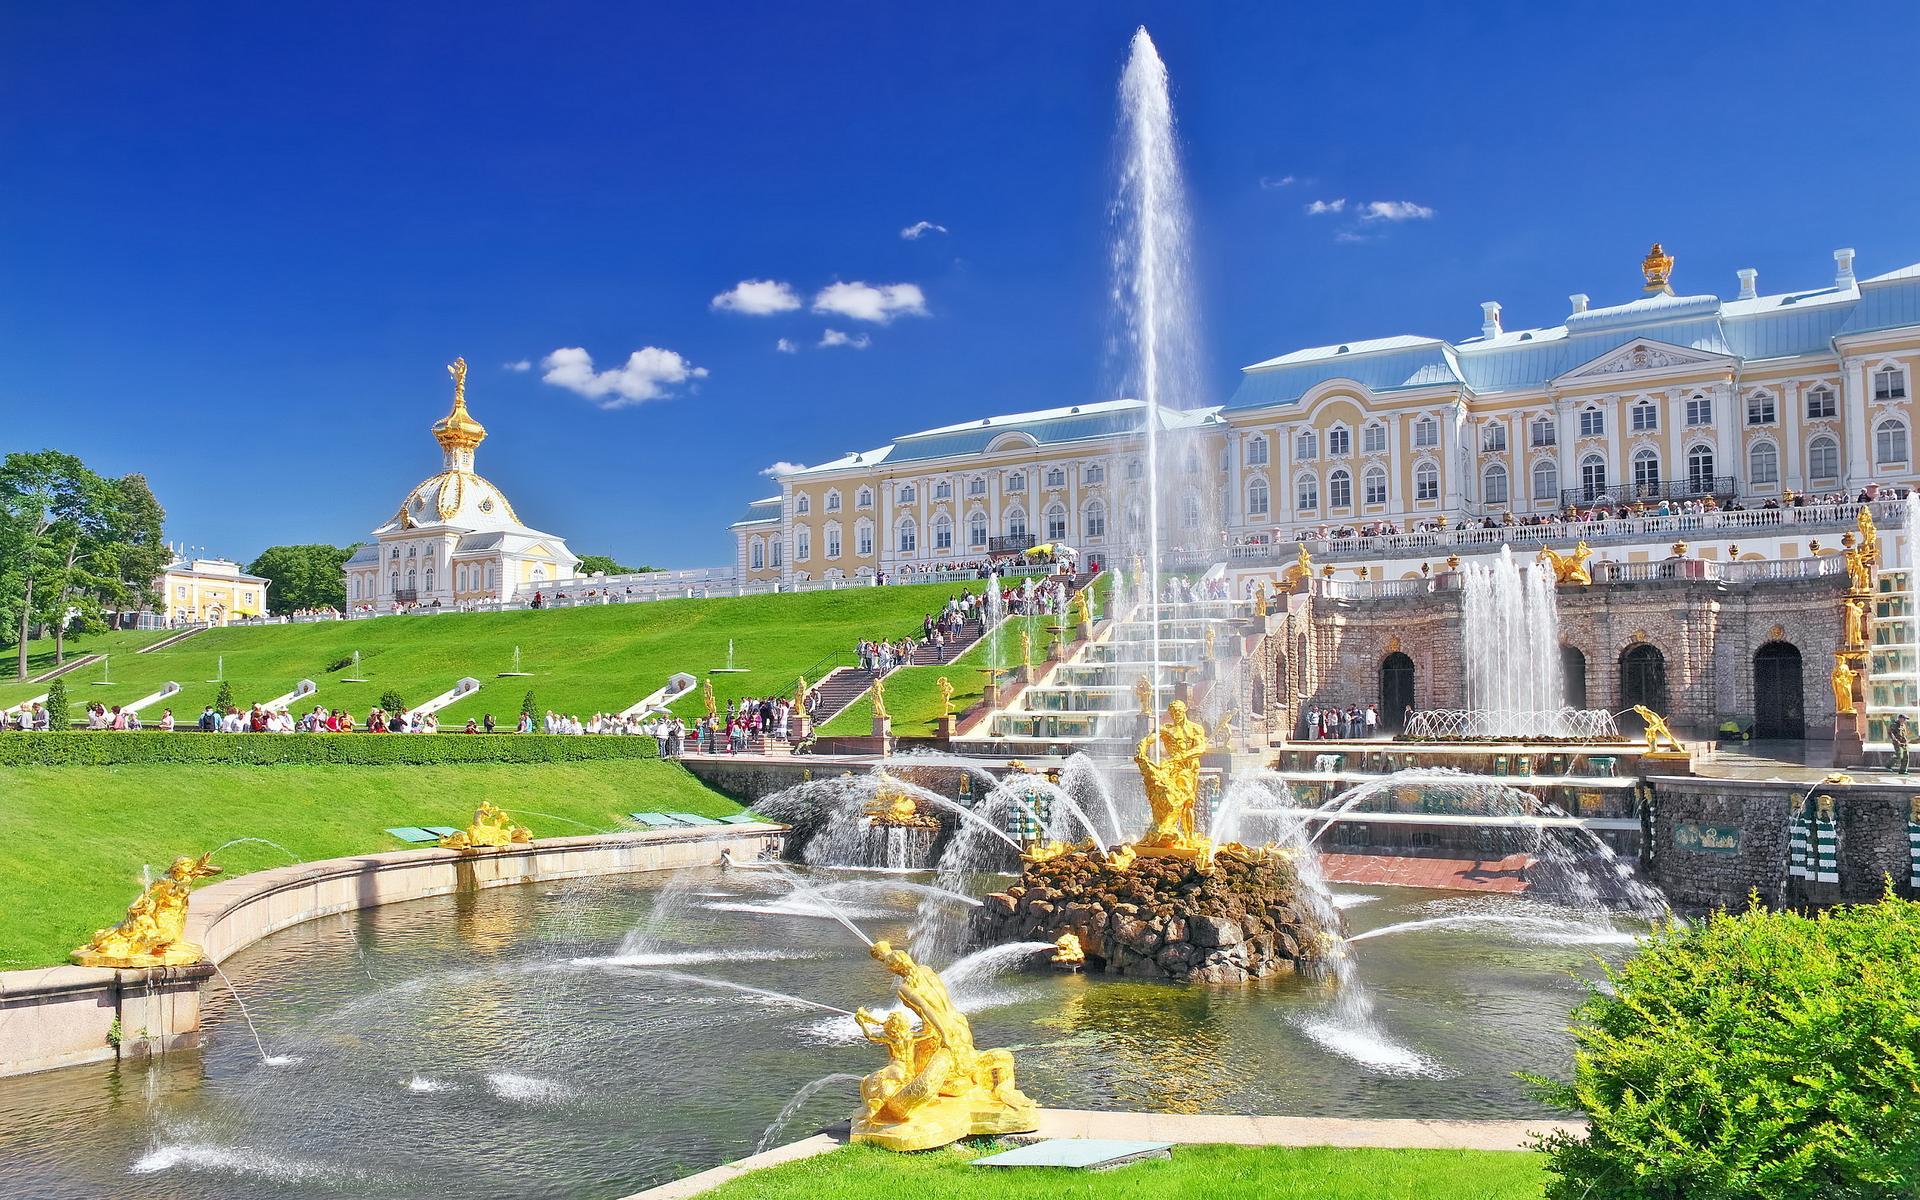 Ausflug nach Peterhof – der Untere Park und Großer Palast (auf dem Transport)